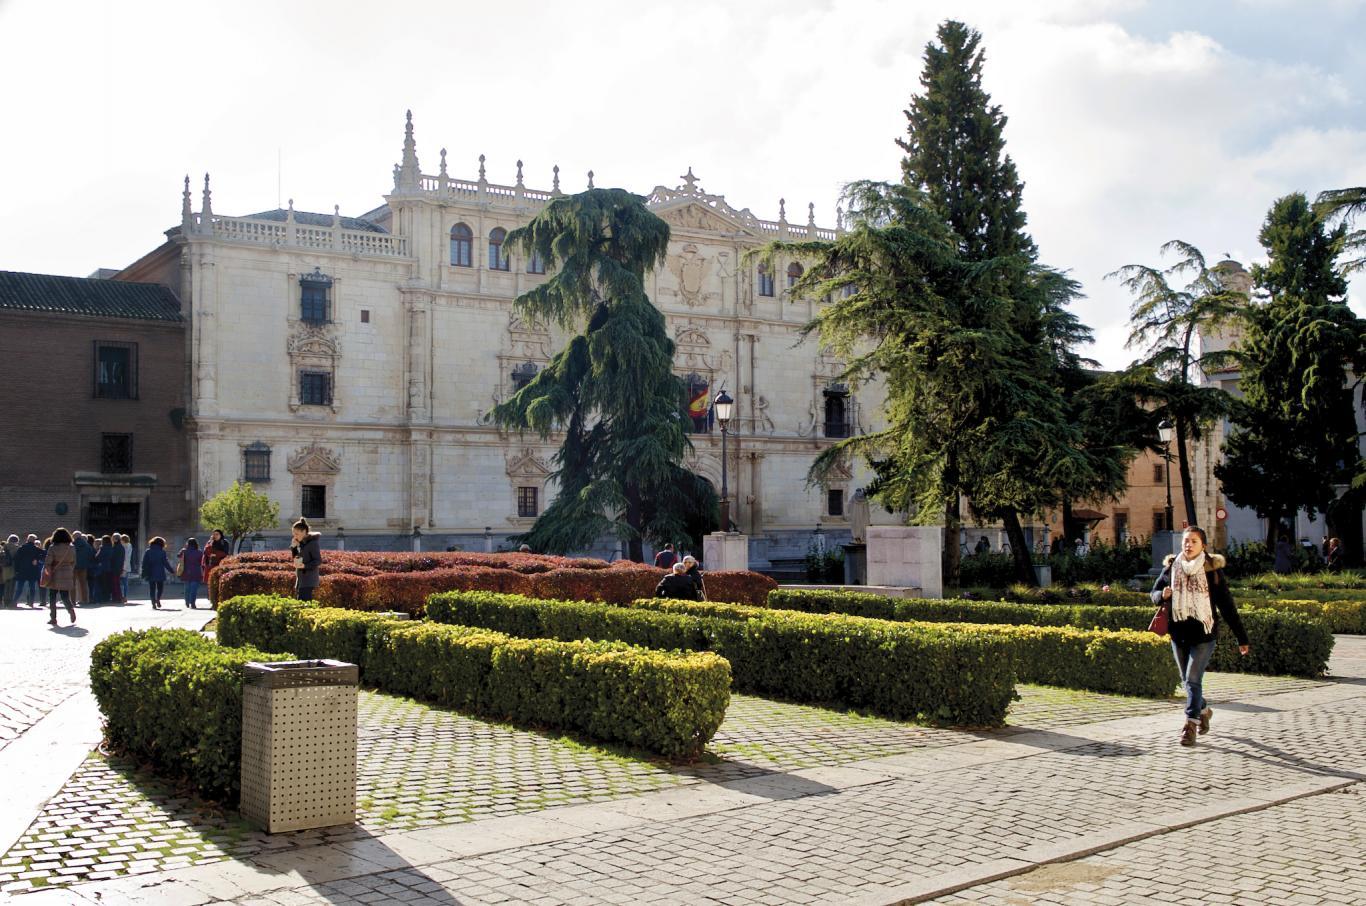 Imagen de la Universidad de Alcalá de Henares en la actualidad